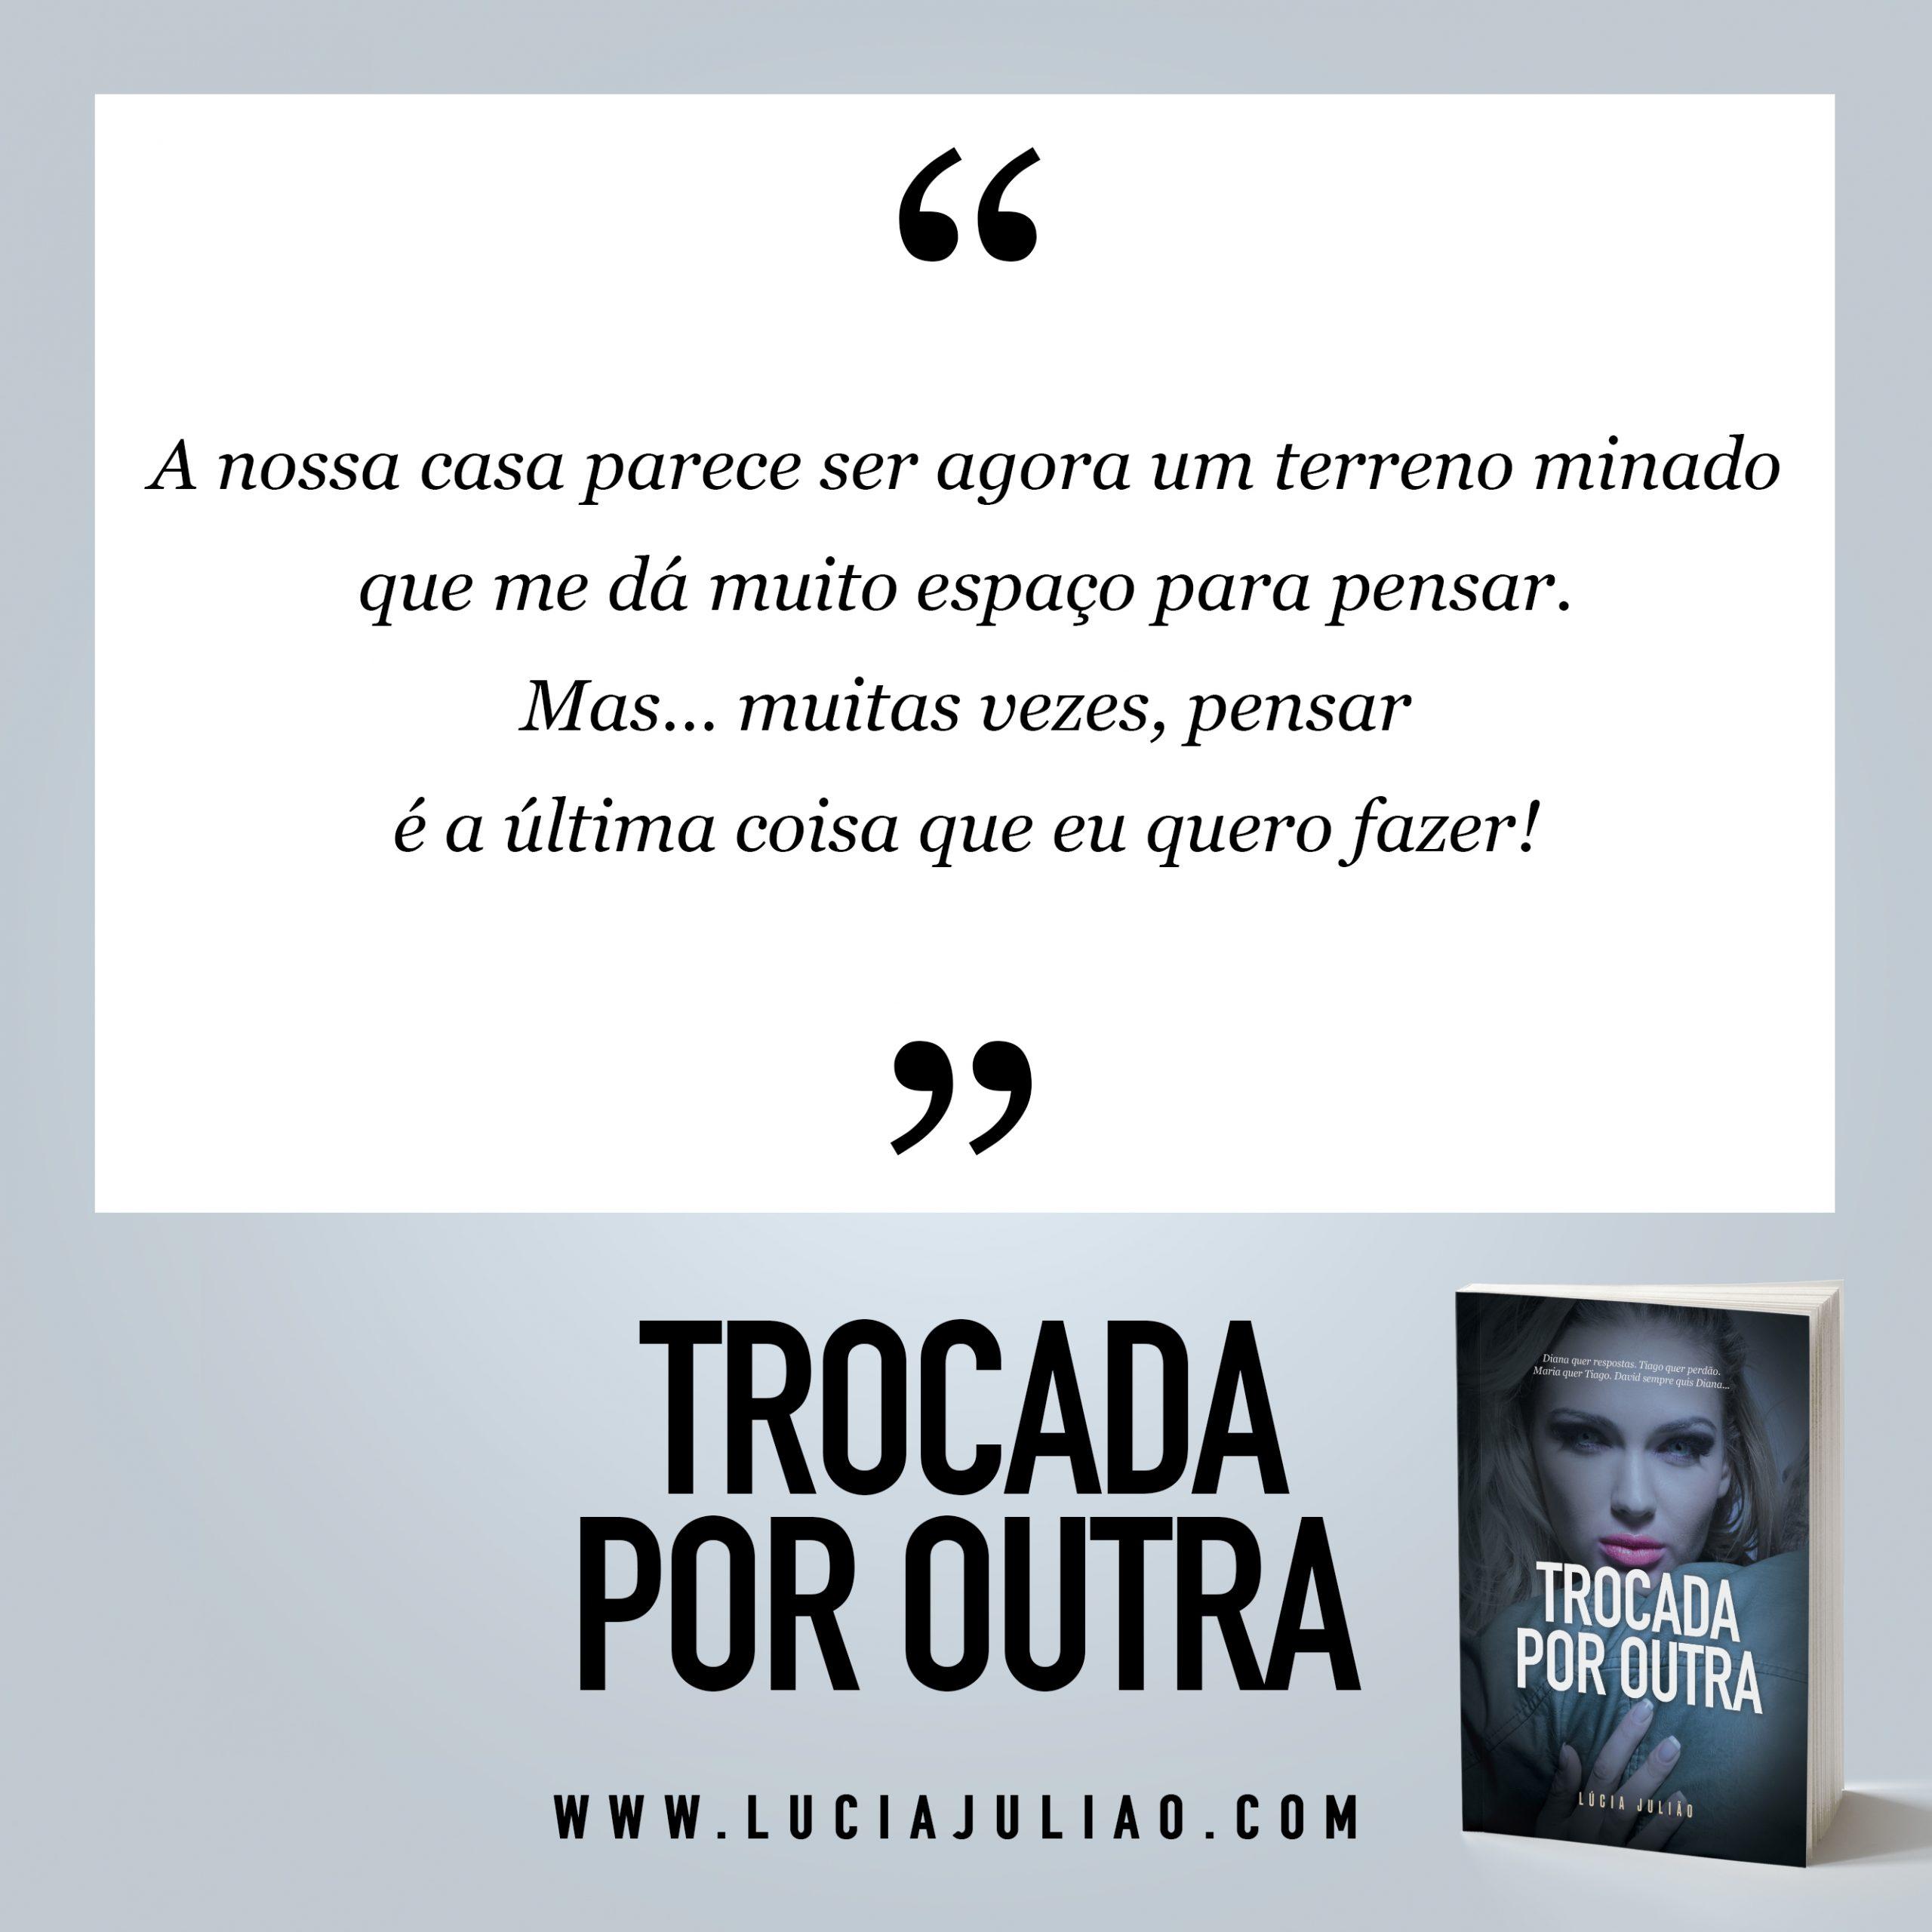 031Q - capitulo 9 Trocada por outra - Lúcia Julião